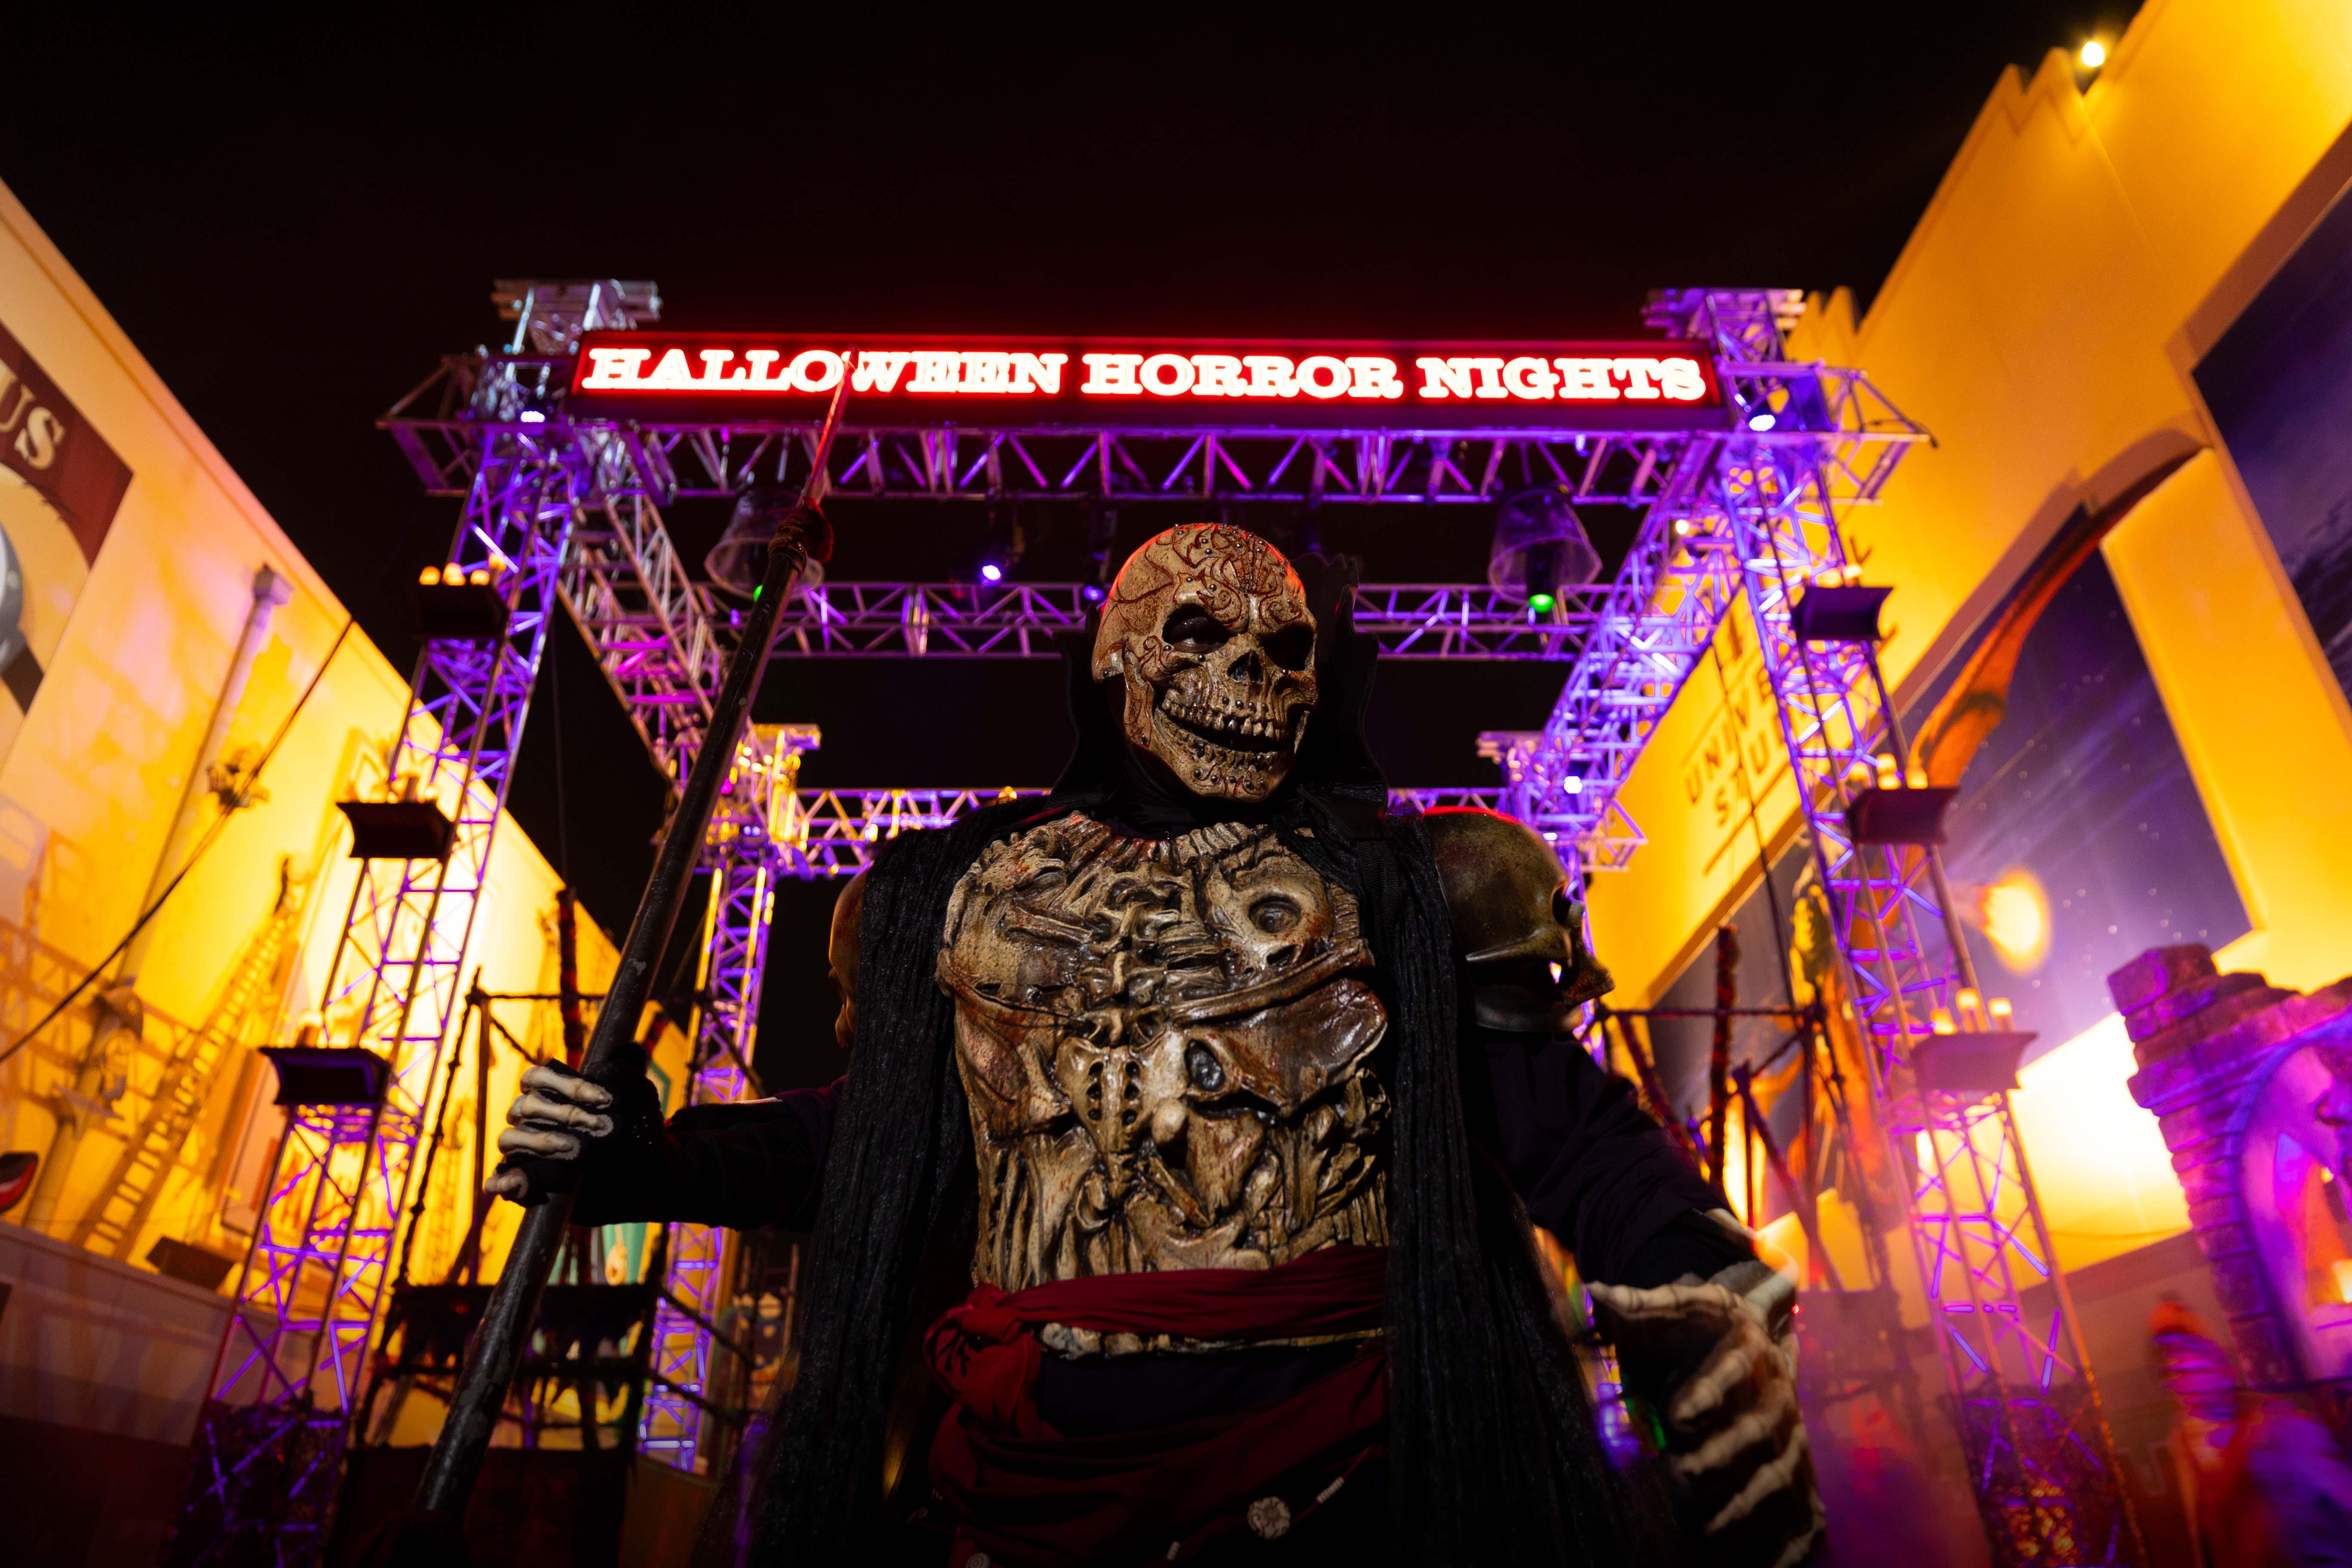 Halloween Horror Nights comienza esta noche en Universal Orlando Resort